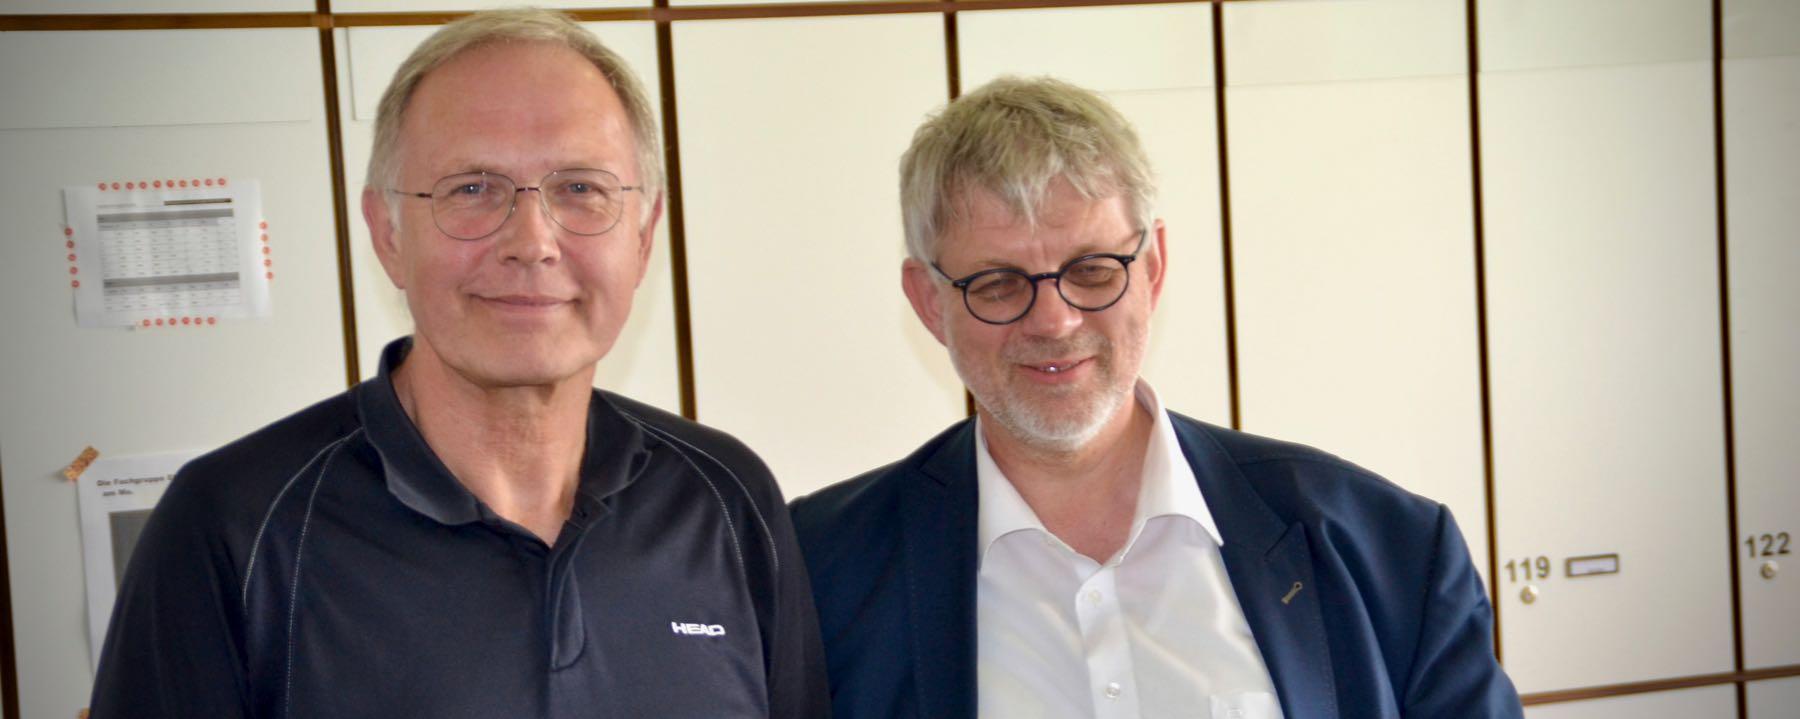 Mit Horst Westerheide verlässt ein Mann von echtem Schrot und Korn die GAG